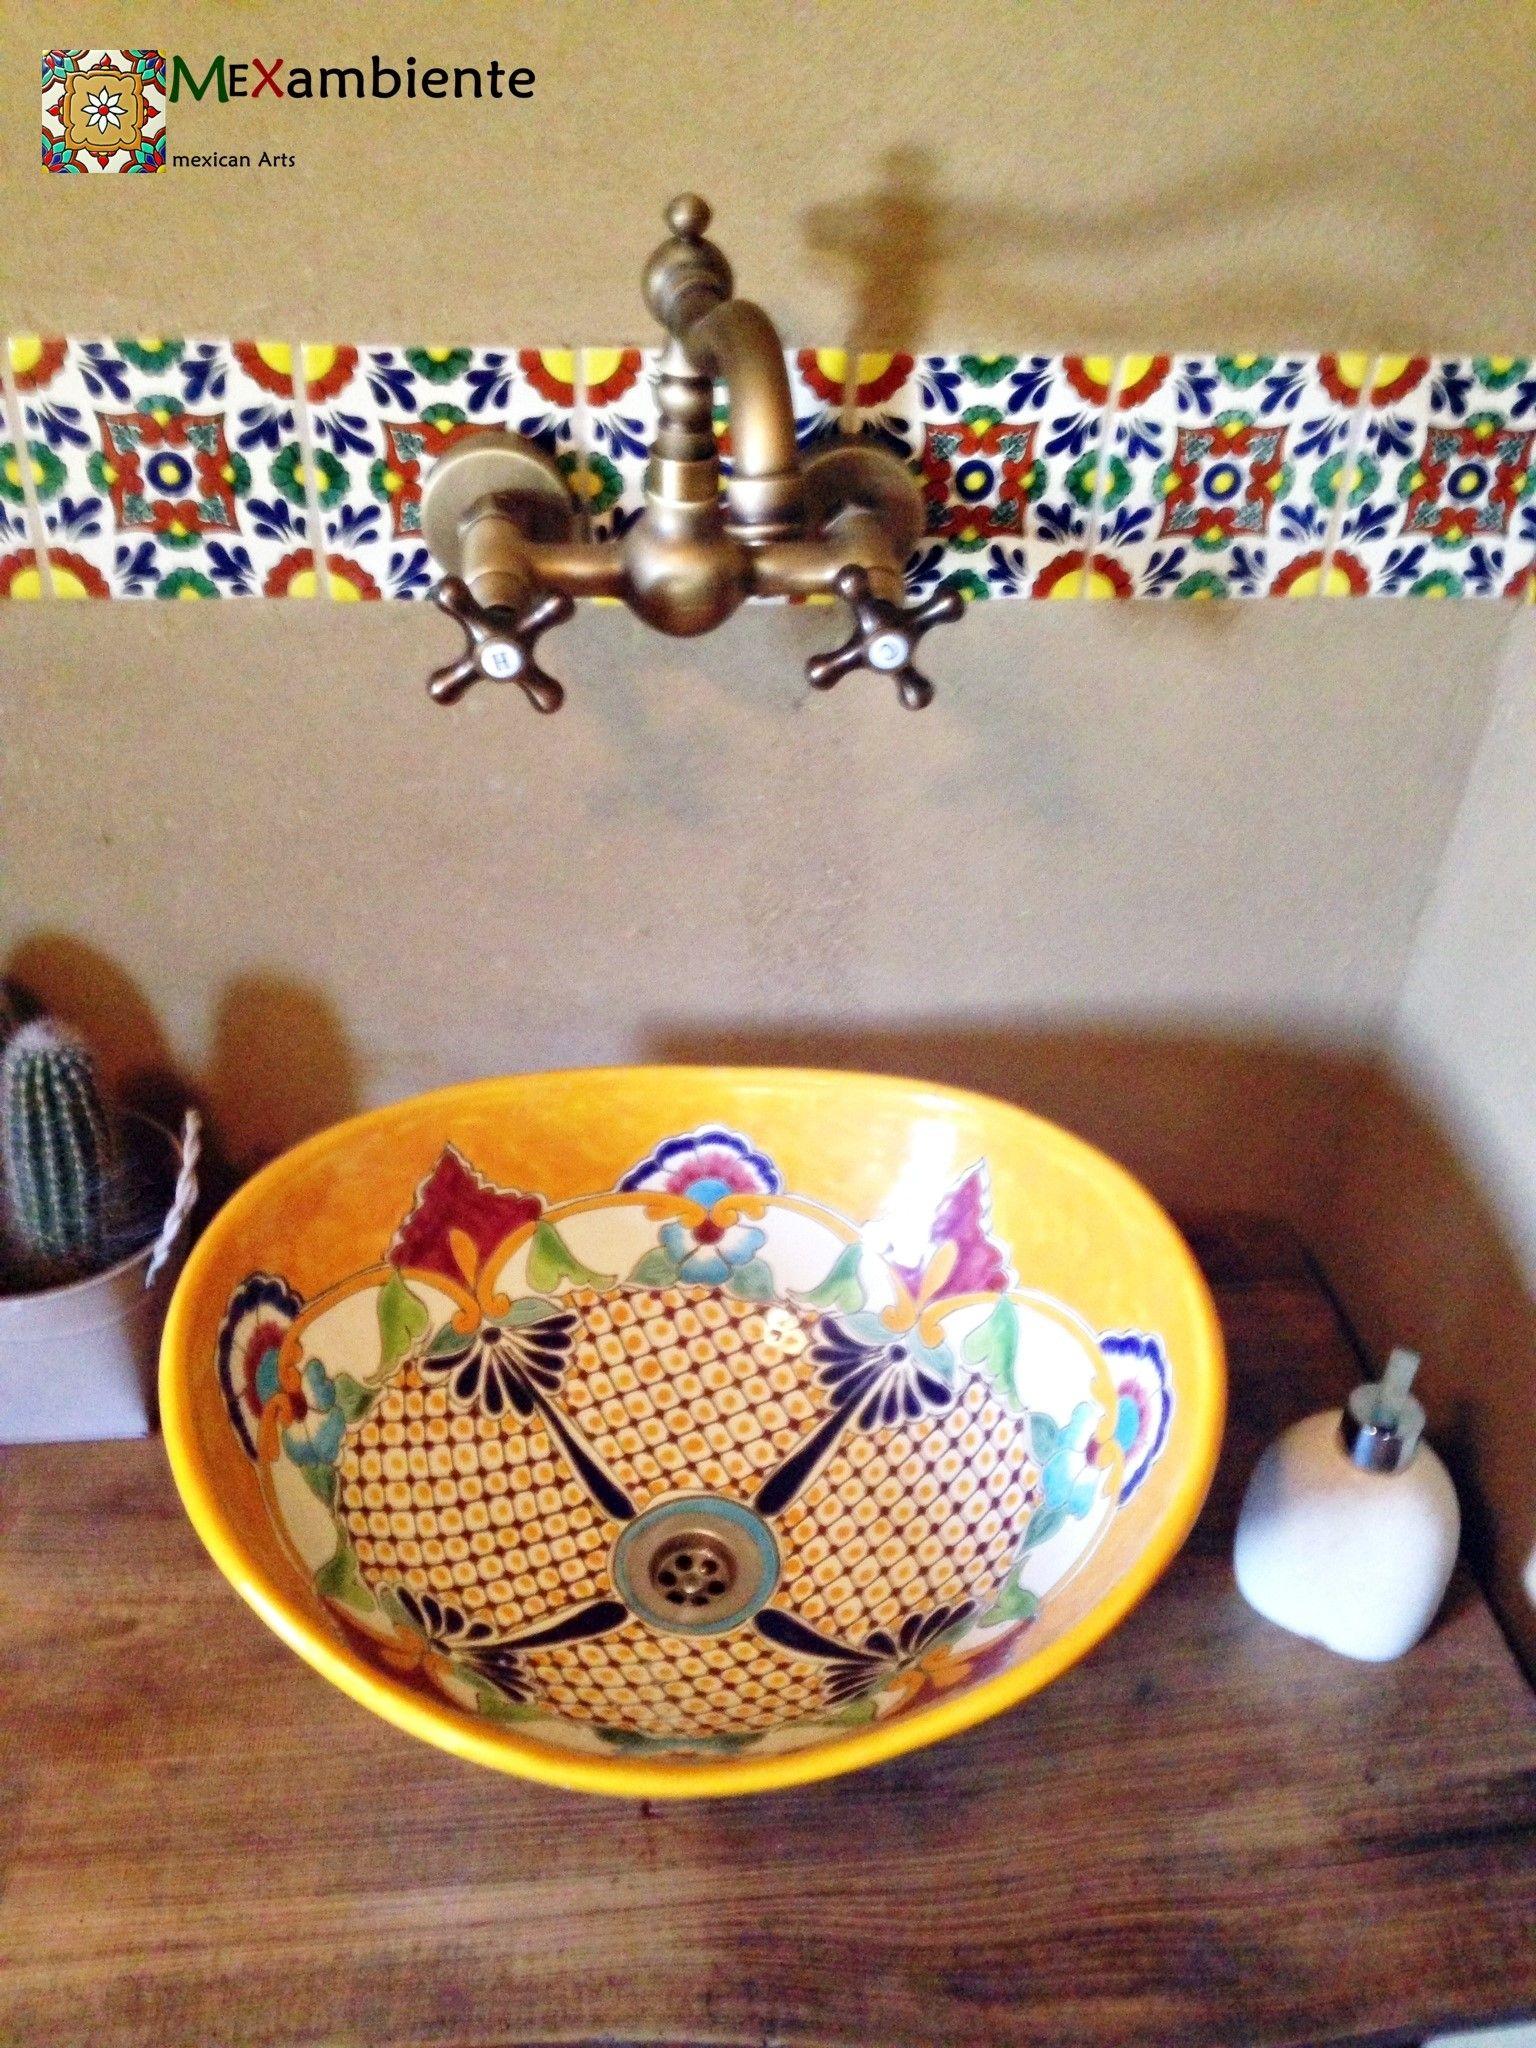 Ethno Style Waschbecken U0026 Fliesen Aus Mexiko Von Mexambiente Fün Einen  Originellen Rustikalen Look Im Badezimmer